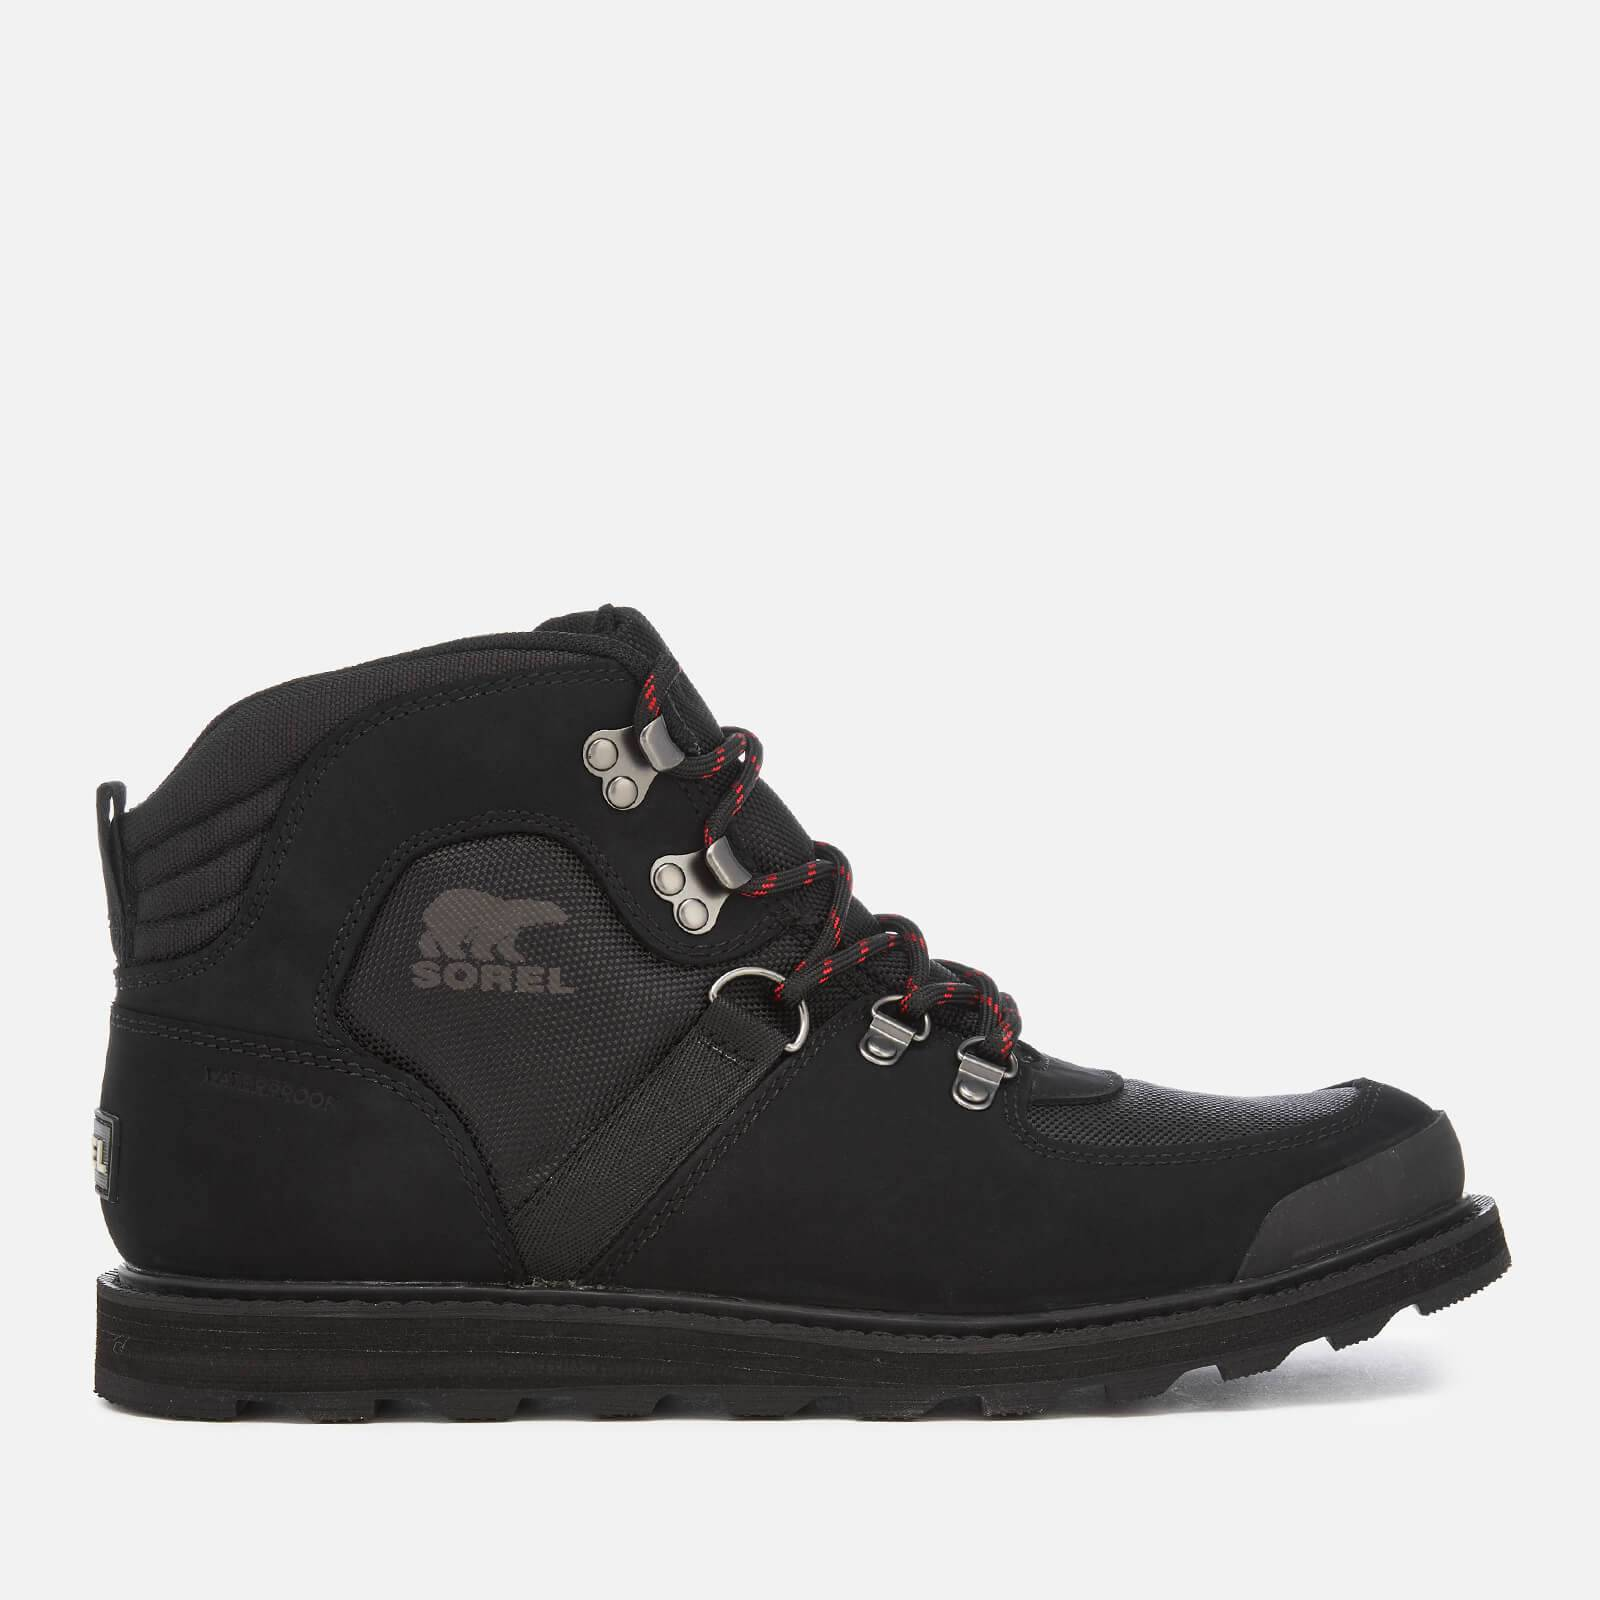 Sorel Men's Madson Sport Hiker Style Boots - Black - UK 9